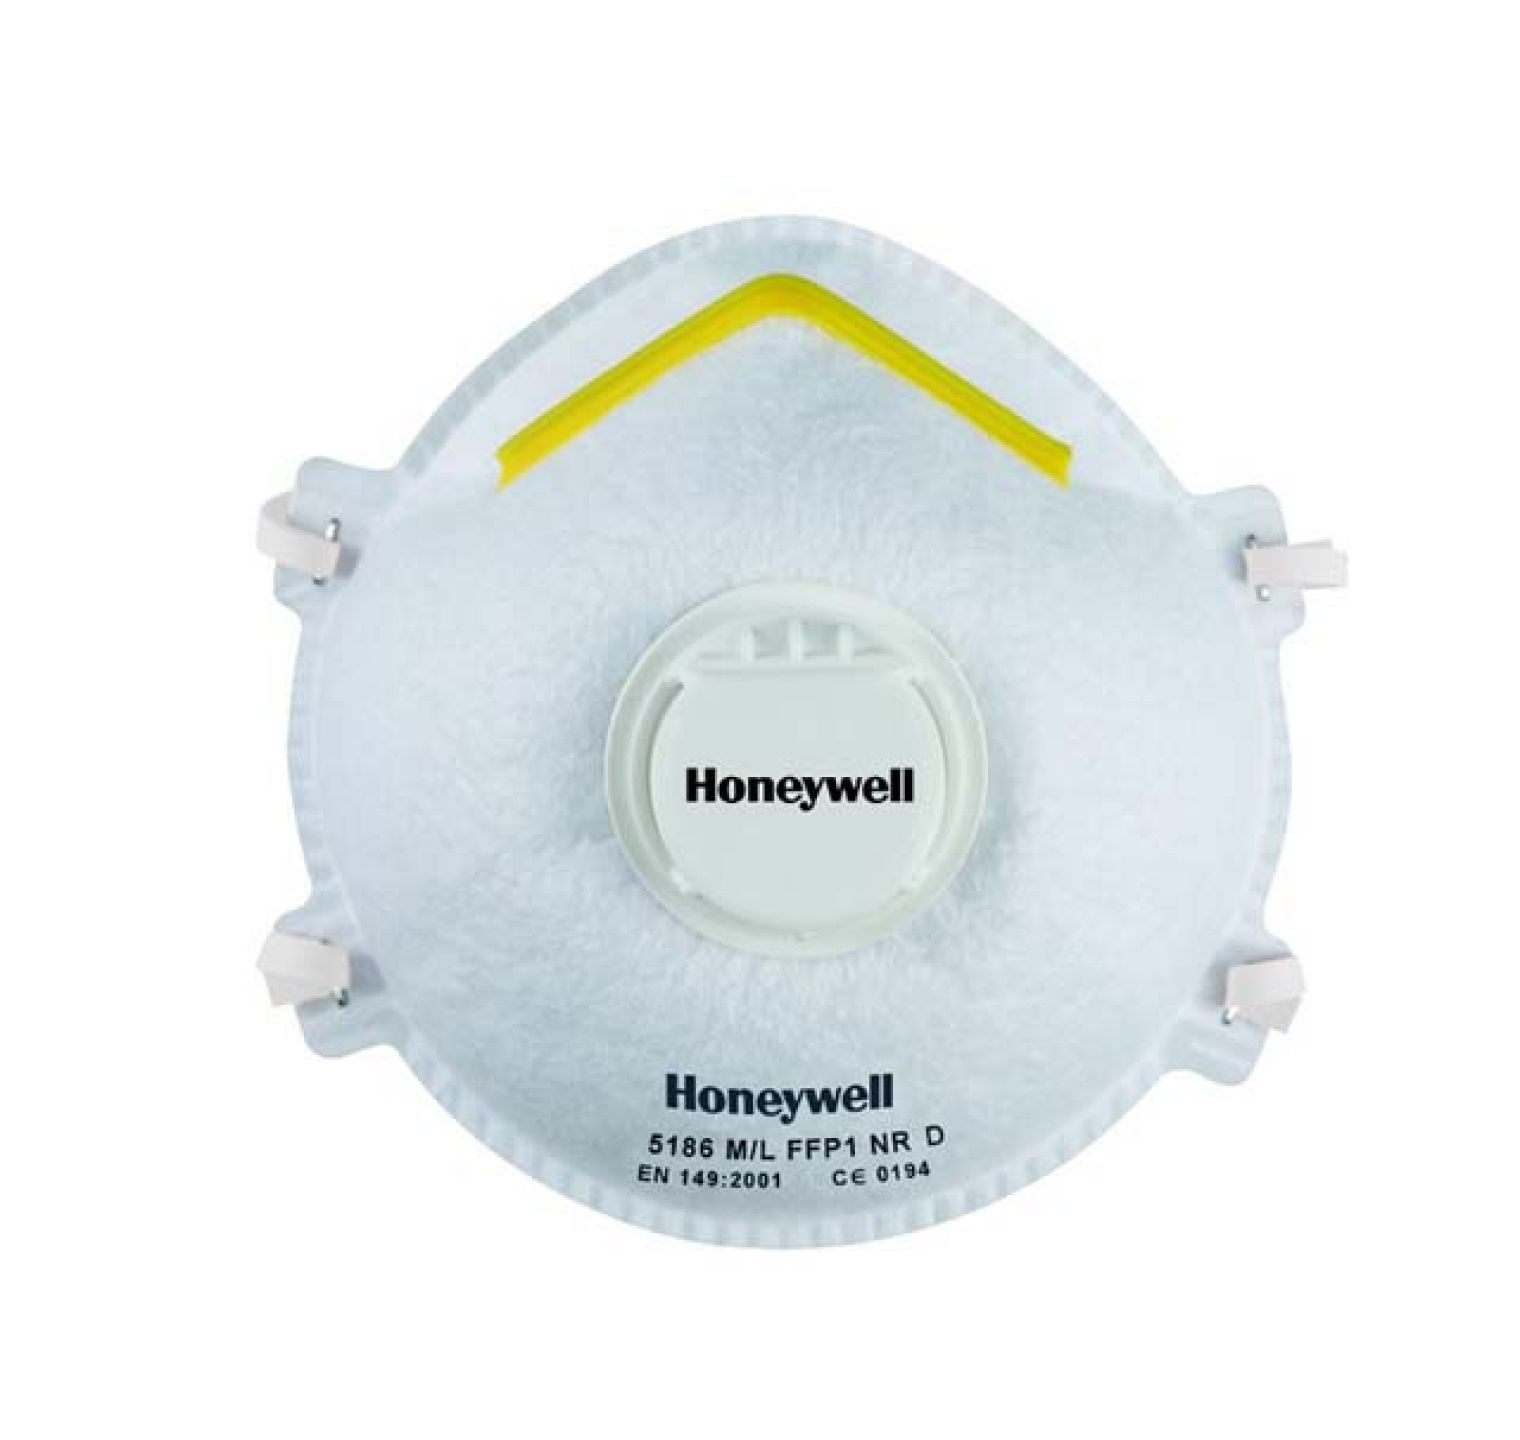 Honeywell Ffp1 Masker Ventiel 20st